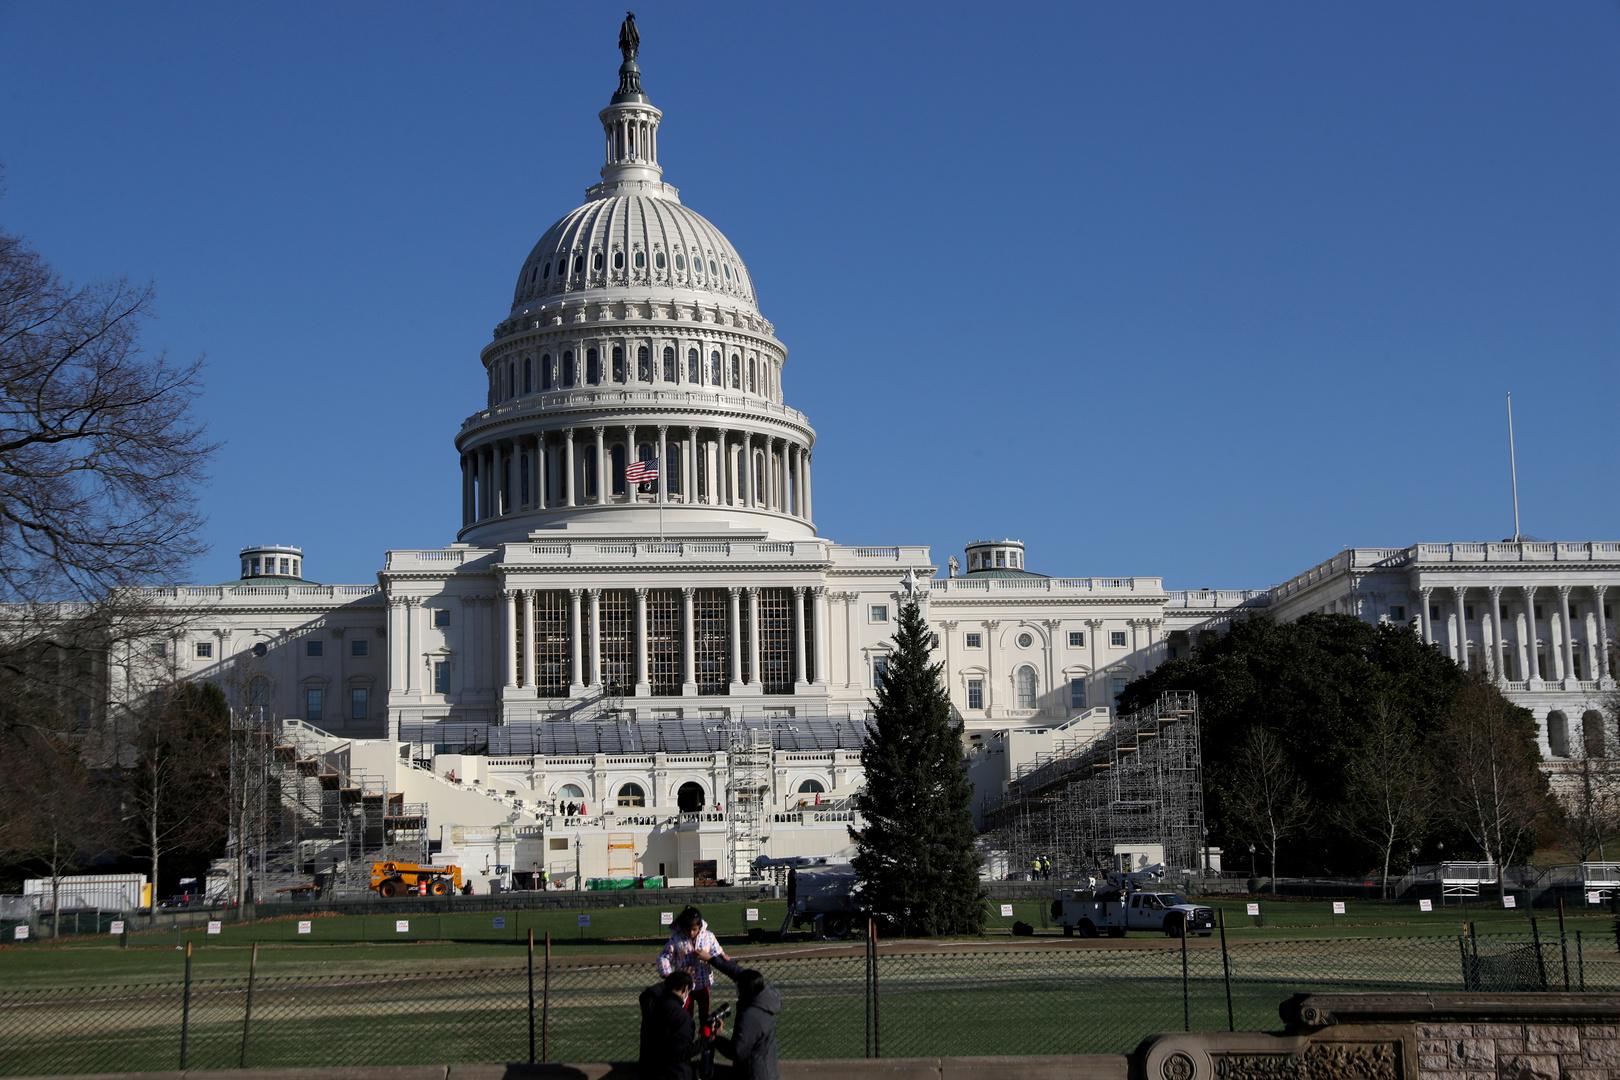 أكثر من 170 من رؤساء كبريات الشركات الأمريكية يطالبون الكونغرس بالمصادقة على انتخاب بايدن